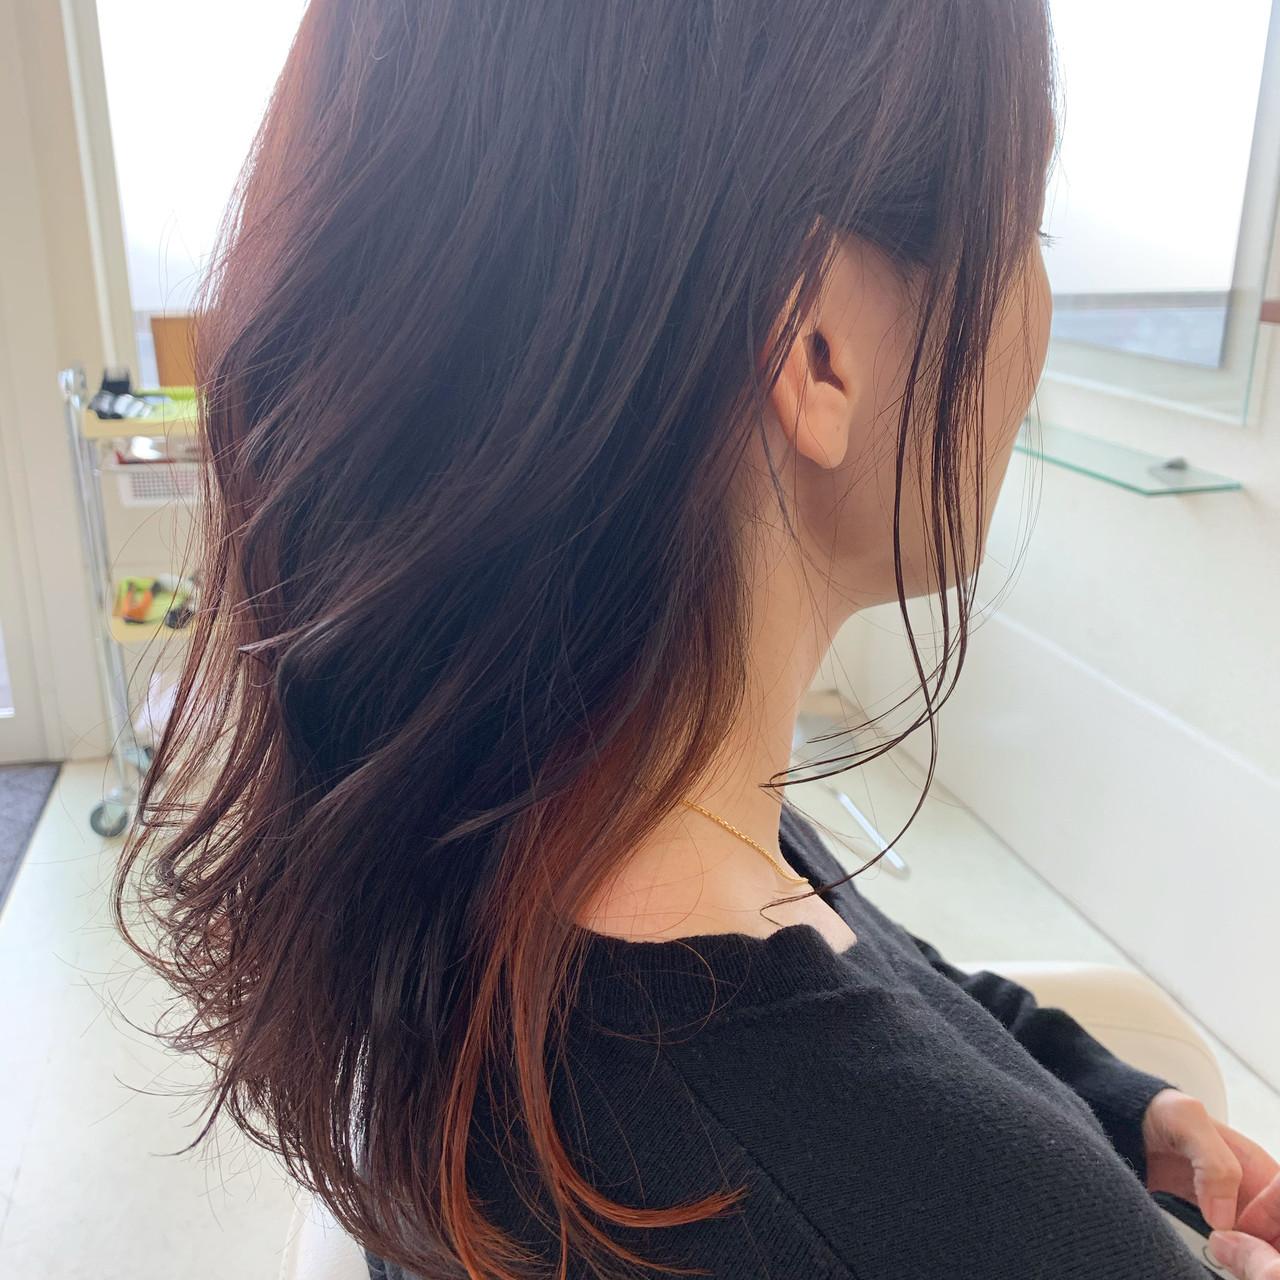 ナチュラル アンニュイほつれヘア インナーカラー 巻き髪 ヘアスタイルや髪型の写真・画像 | 新谷 朋宏 / Free hairstylist shinya